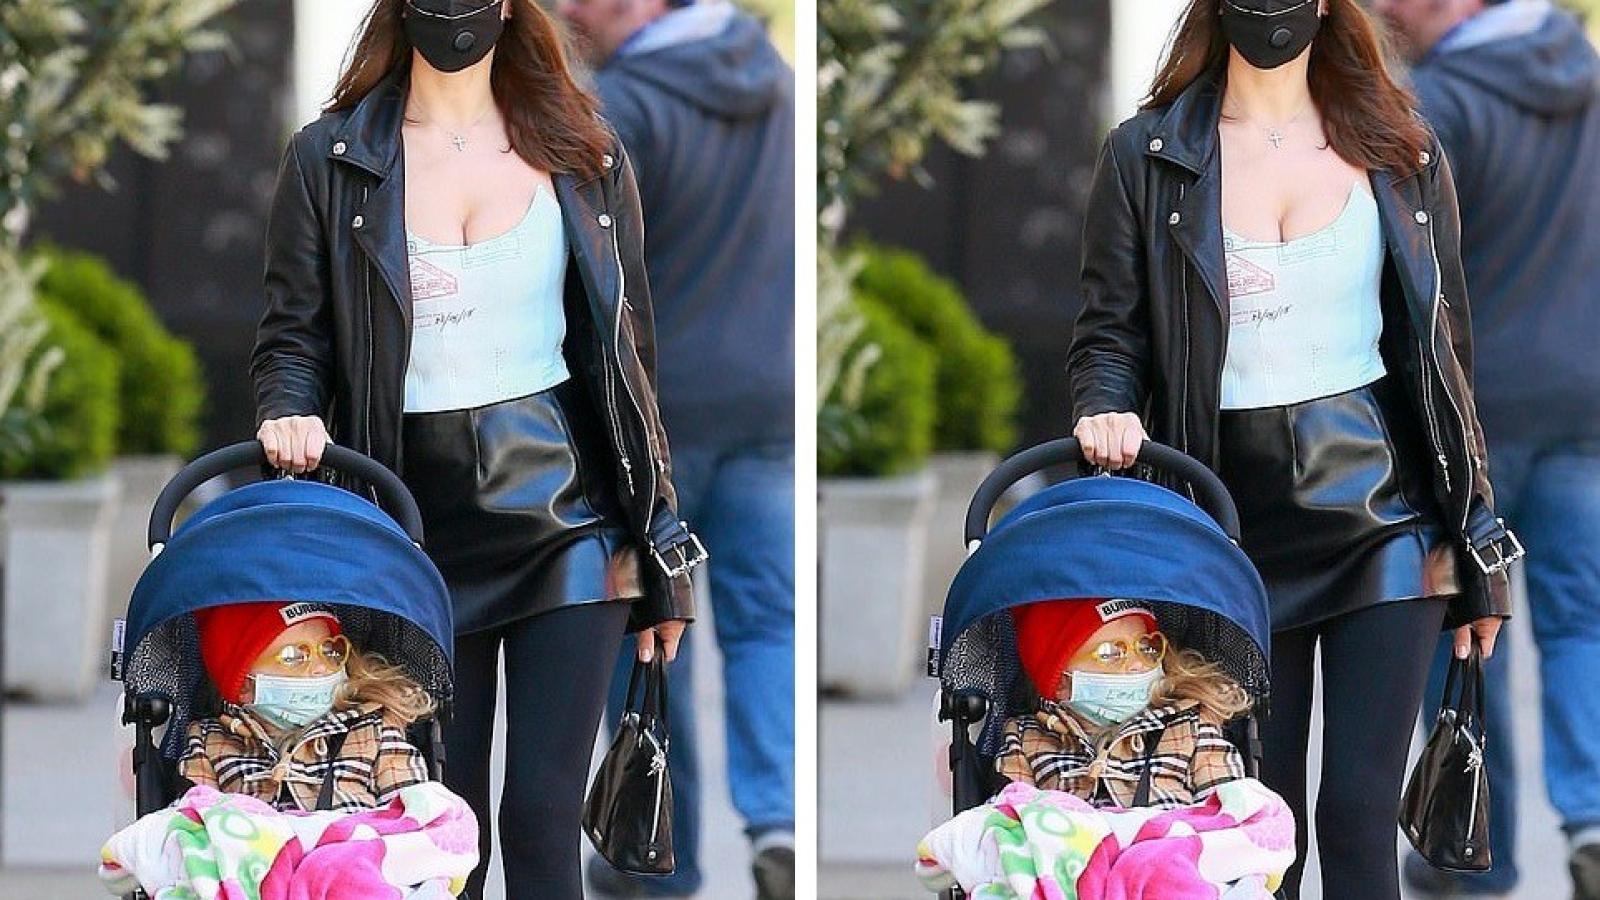 Irina Shayk mặc đồ gợi cảm ra phố cùng con gái cưng